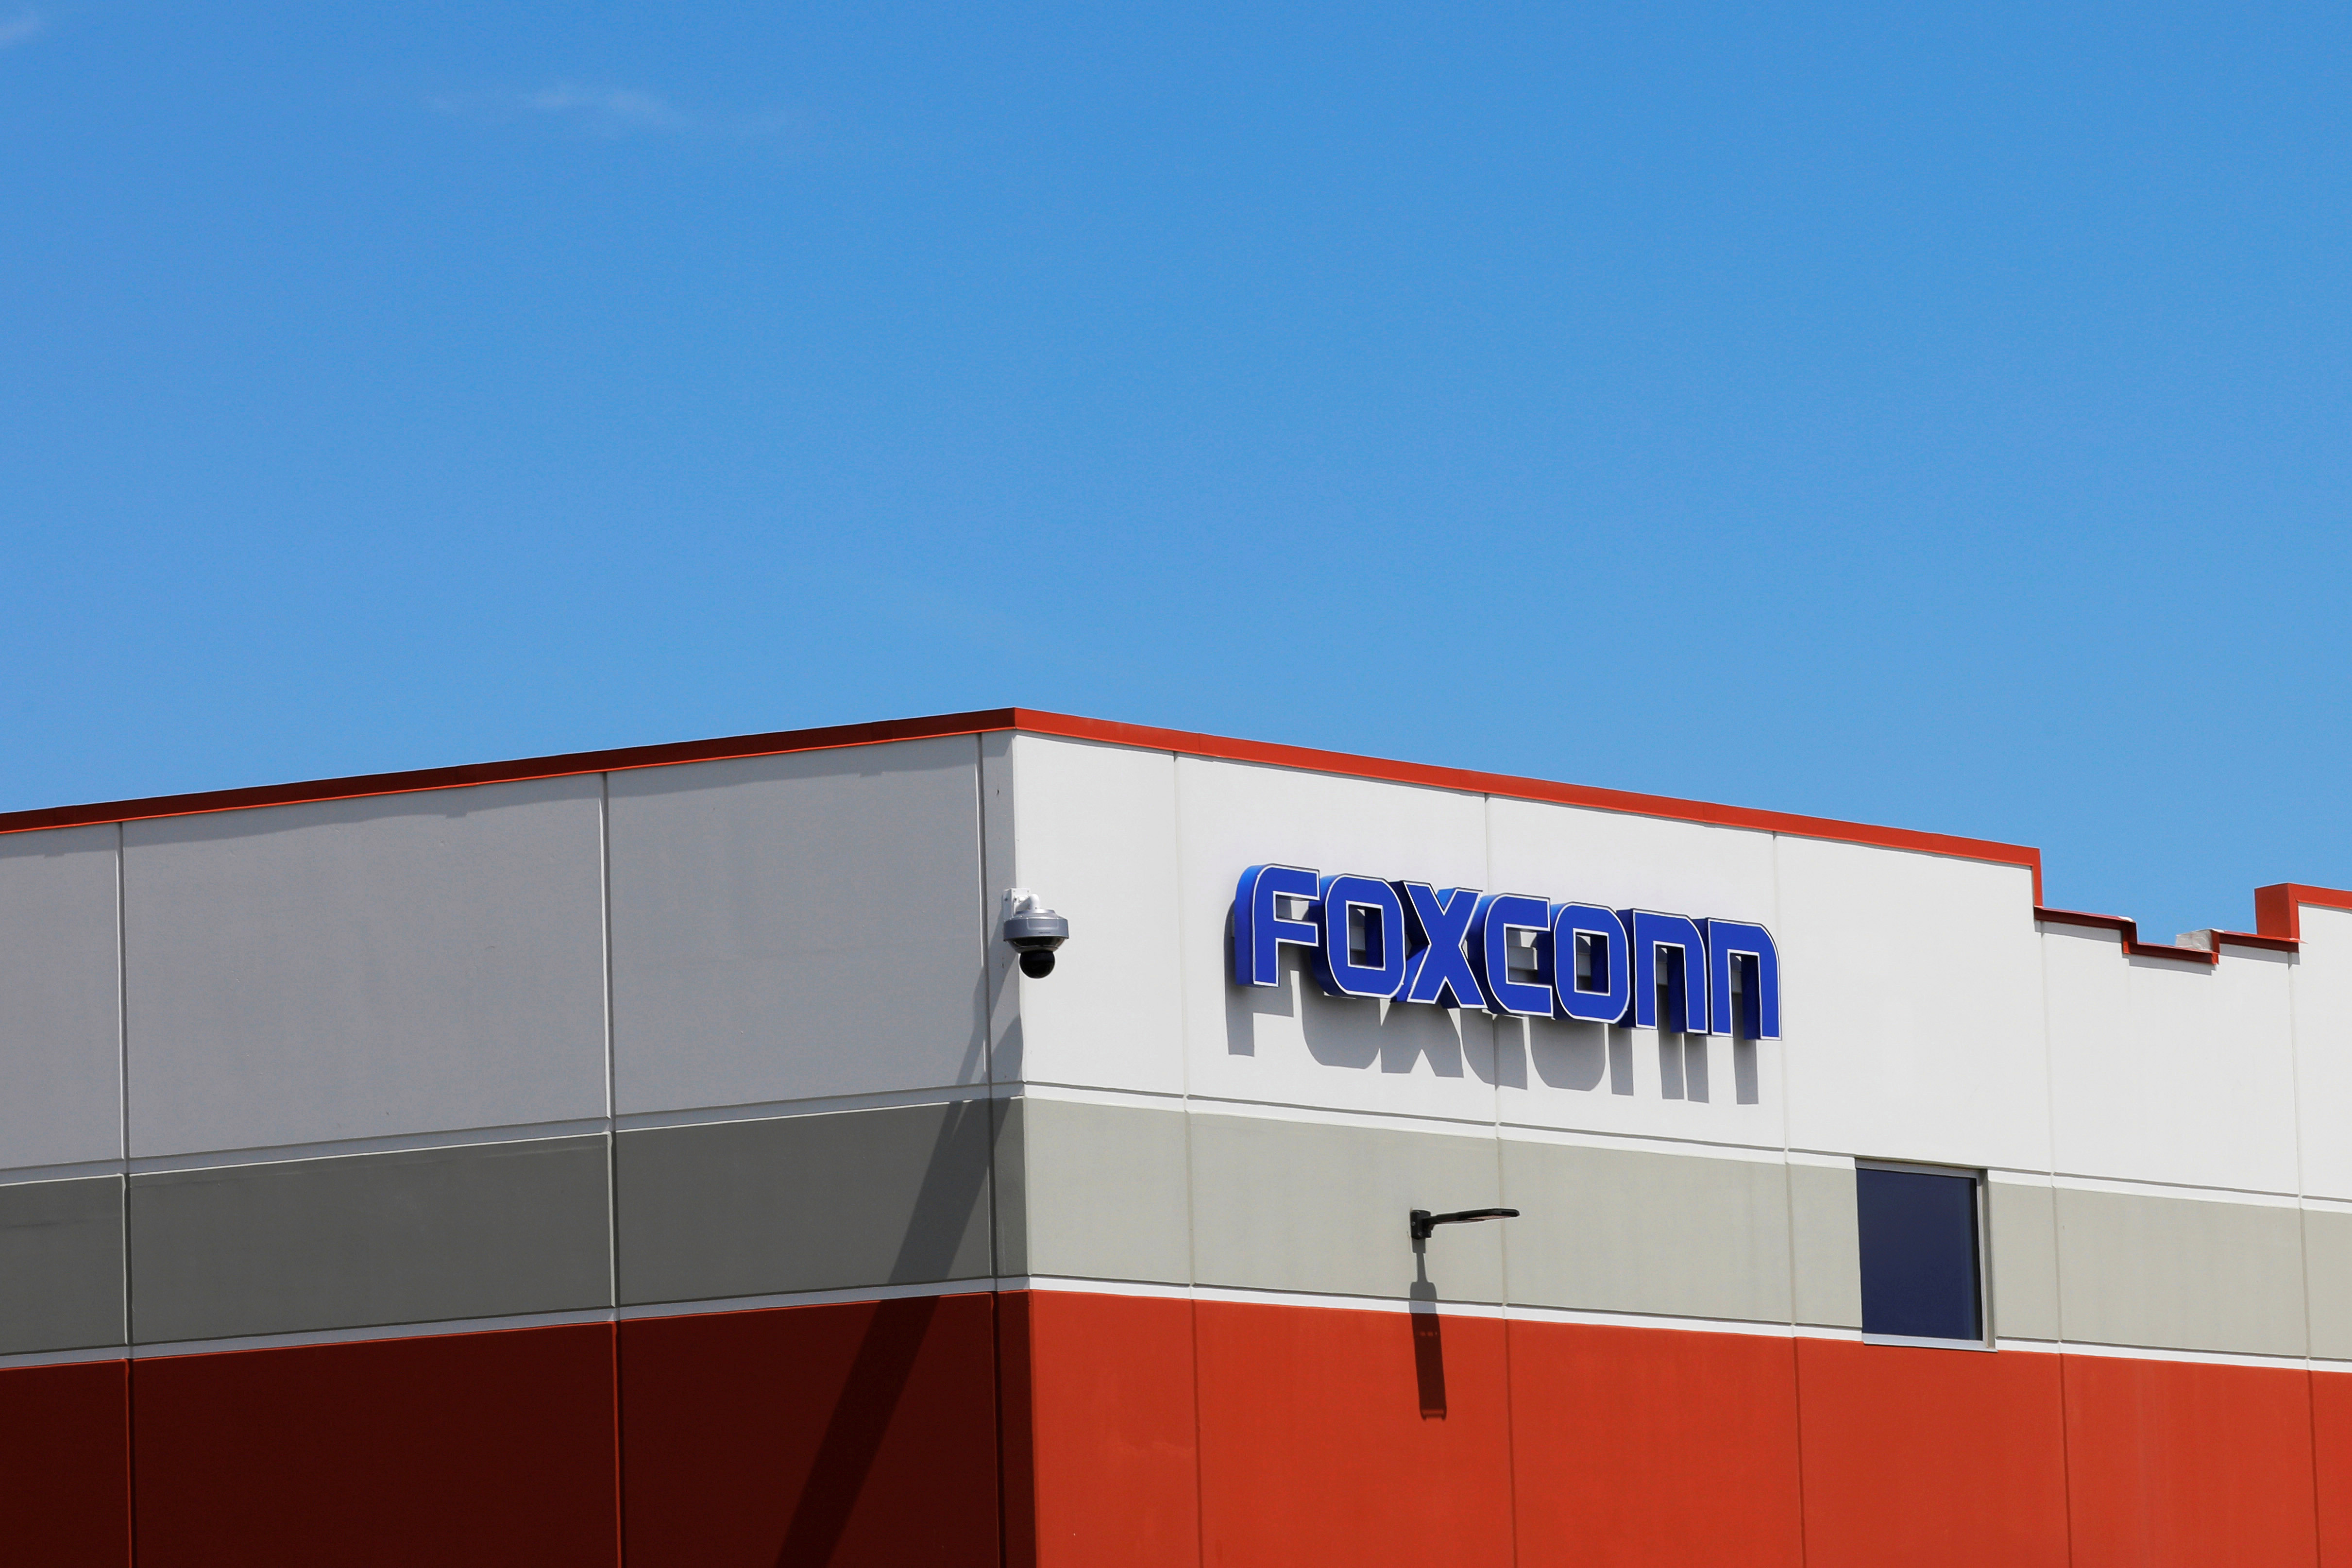 Foxconn сказал, что он будет гарантировать, что он не нарушает законы о труде - в то время как Amazon сказал, что начал расследование